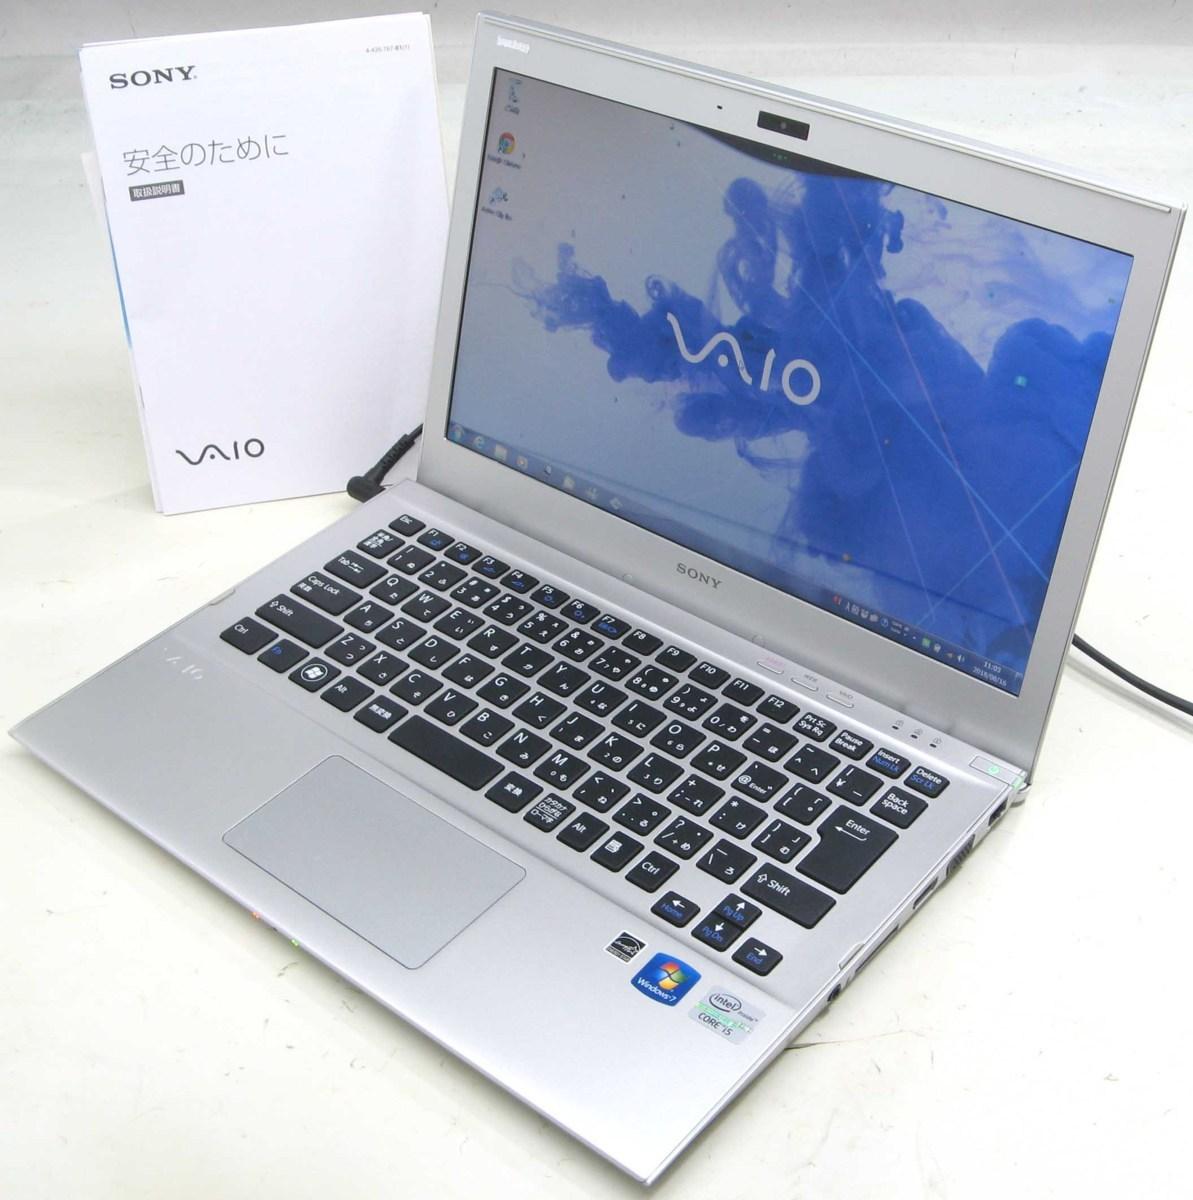 中古ノートパソコン SONY VAIO SVT1311AJ(ソニー Windows7 Corei5 HDMI出力端子)【中古】【中古パソコン/中古PC】